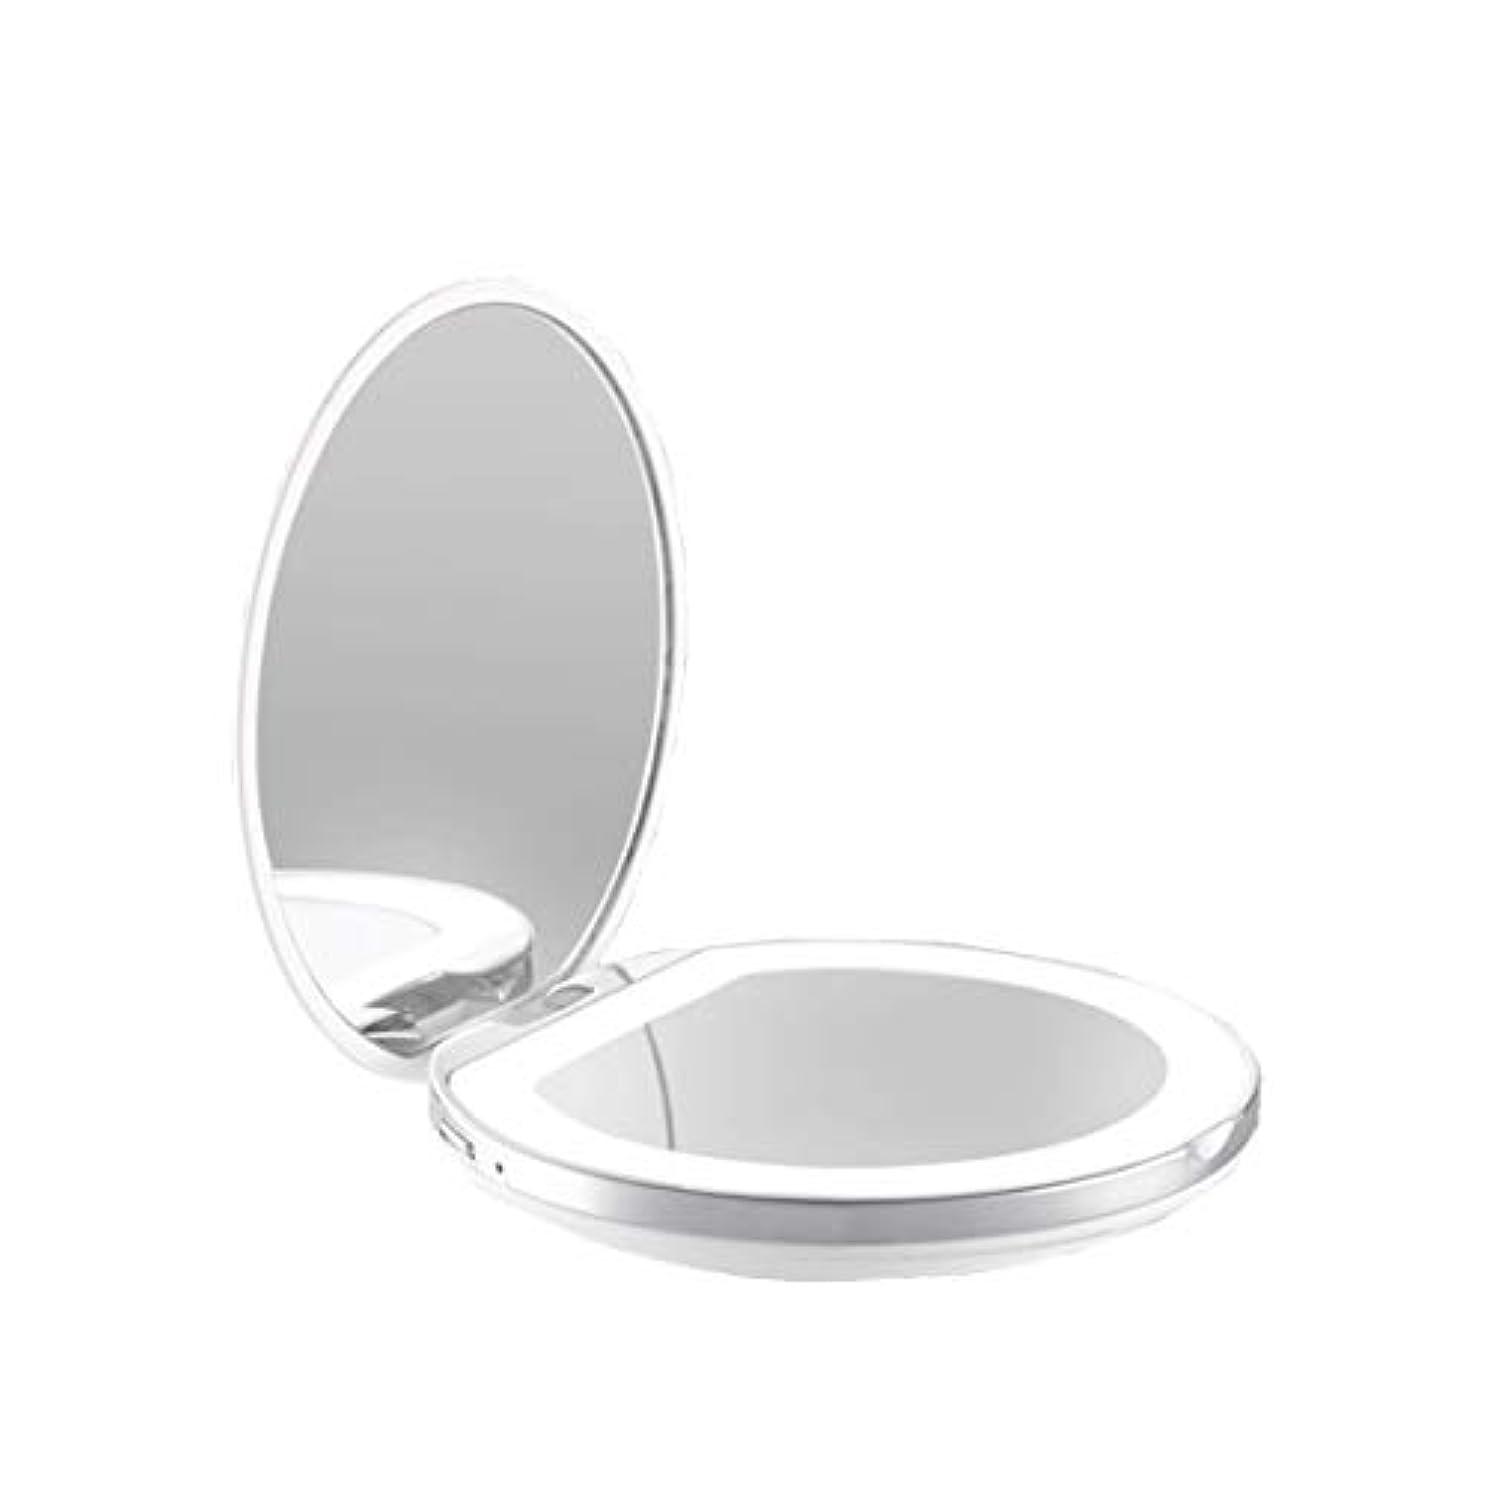 想定ネコドラマ手鏡 両面鏡 ライト付きミラー 女優ミラー 3倍拡大鏡付き お姫様 ミラー おしゃれ 卓上 LEDライト 化粧鏡 コンパクト 折り畳み式 スタンドミラー 角度調整